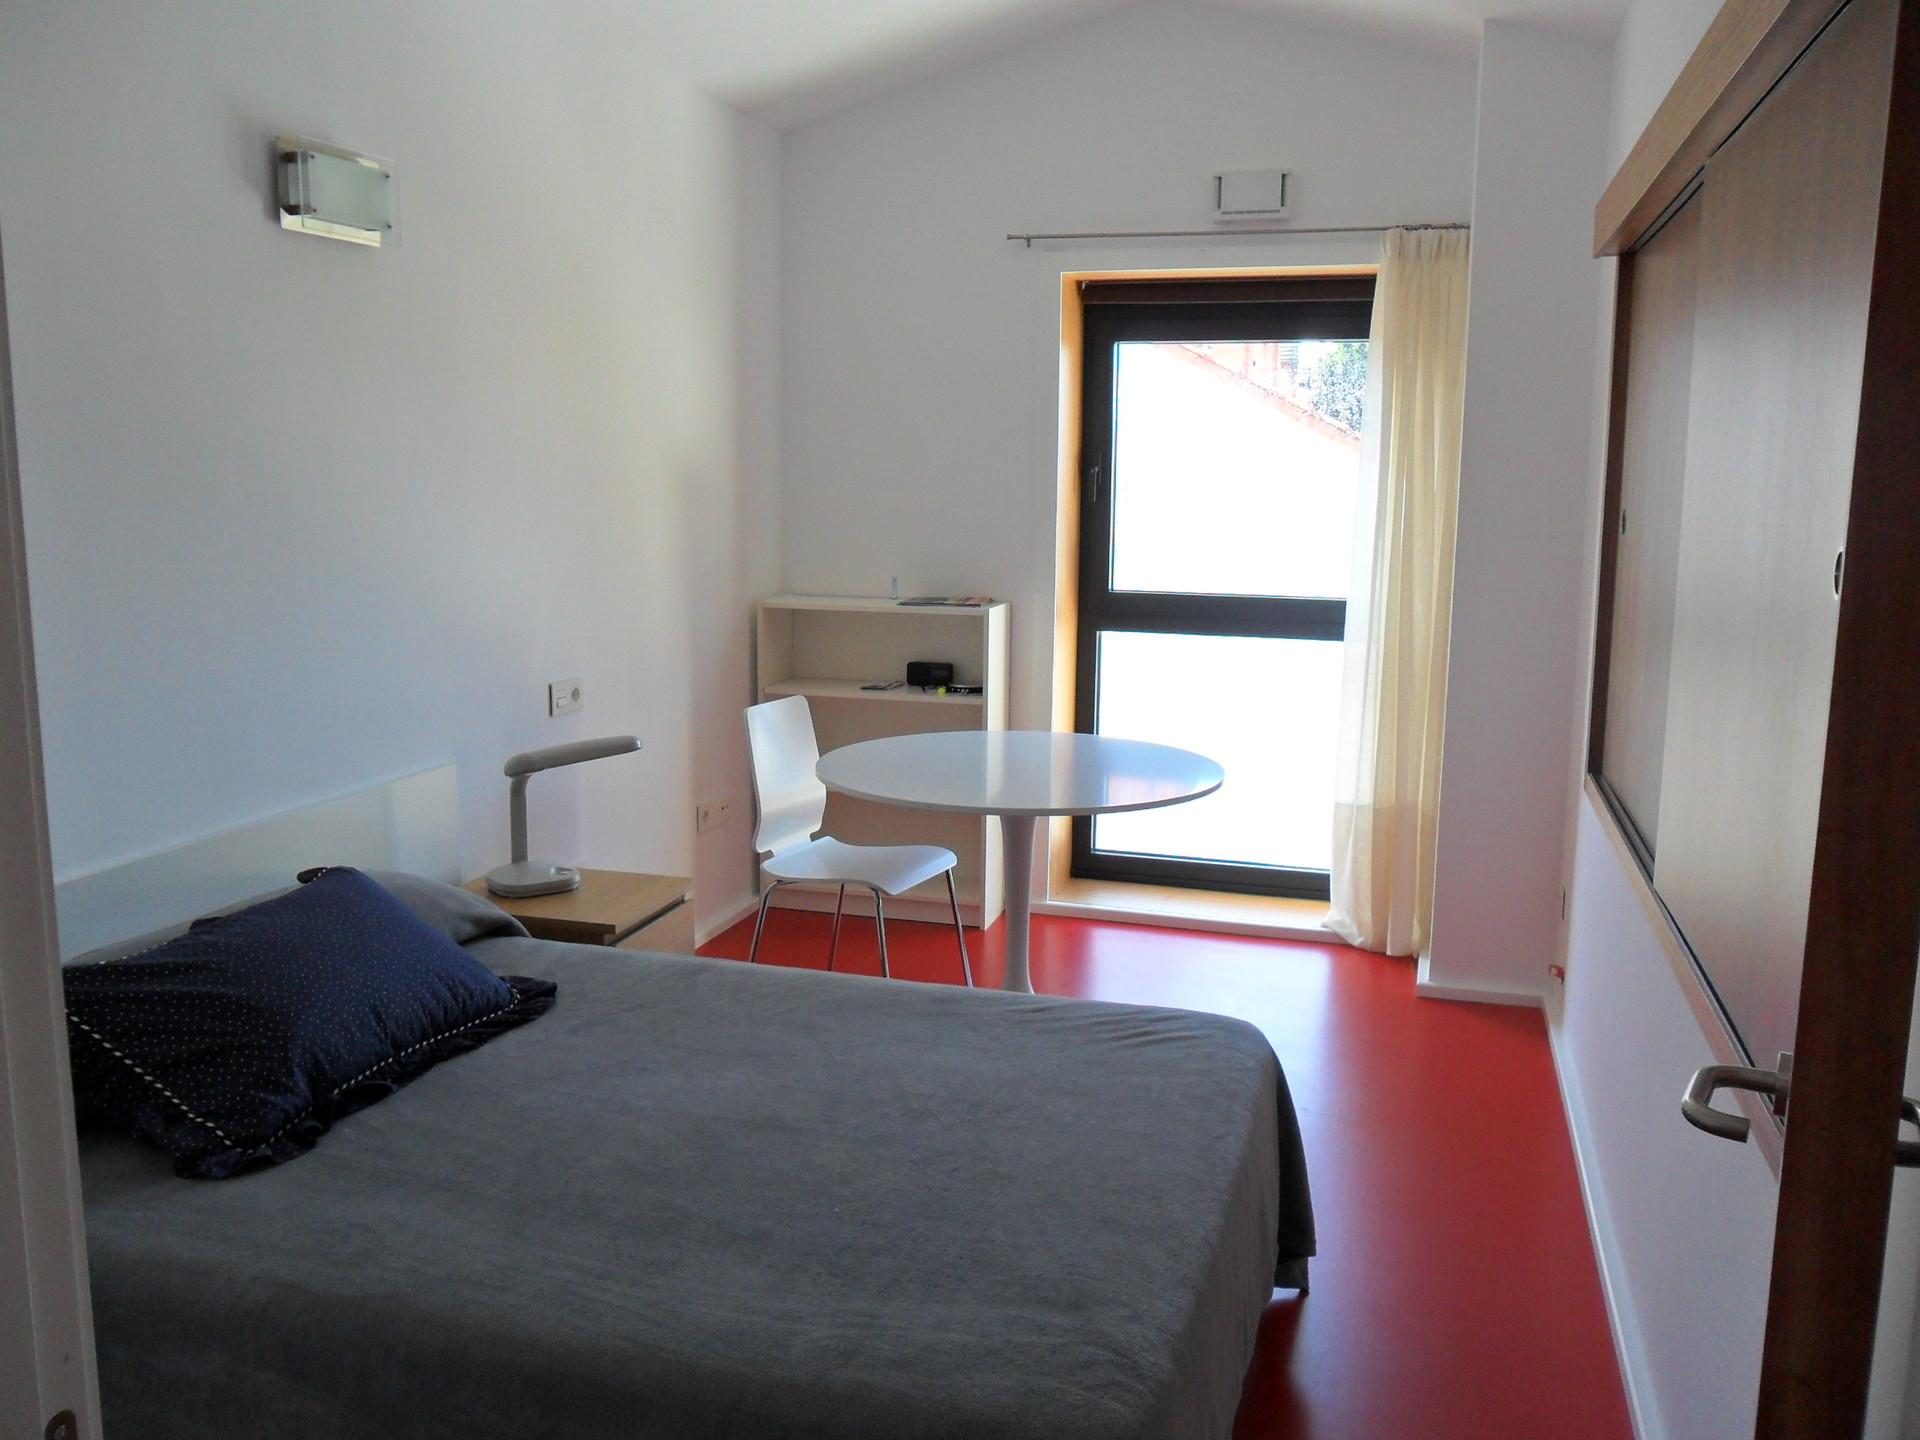 Apartamentoestudio con cocina independiente  Alquiler